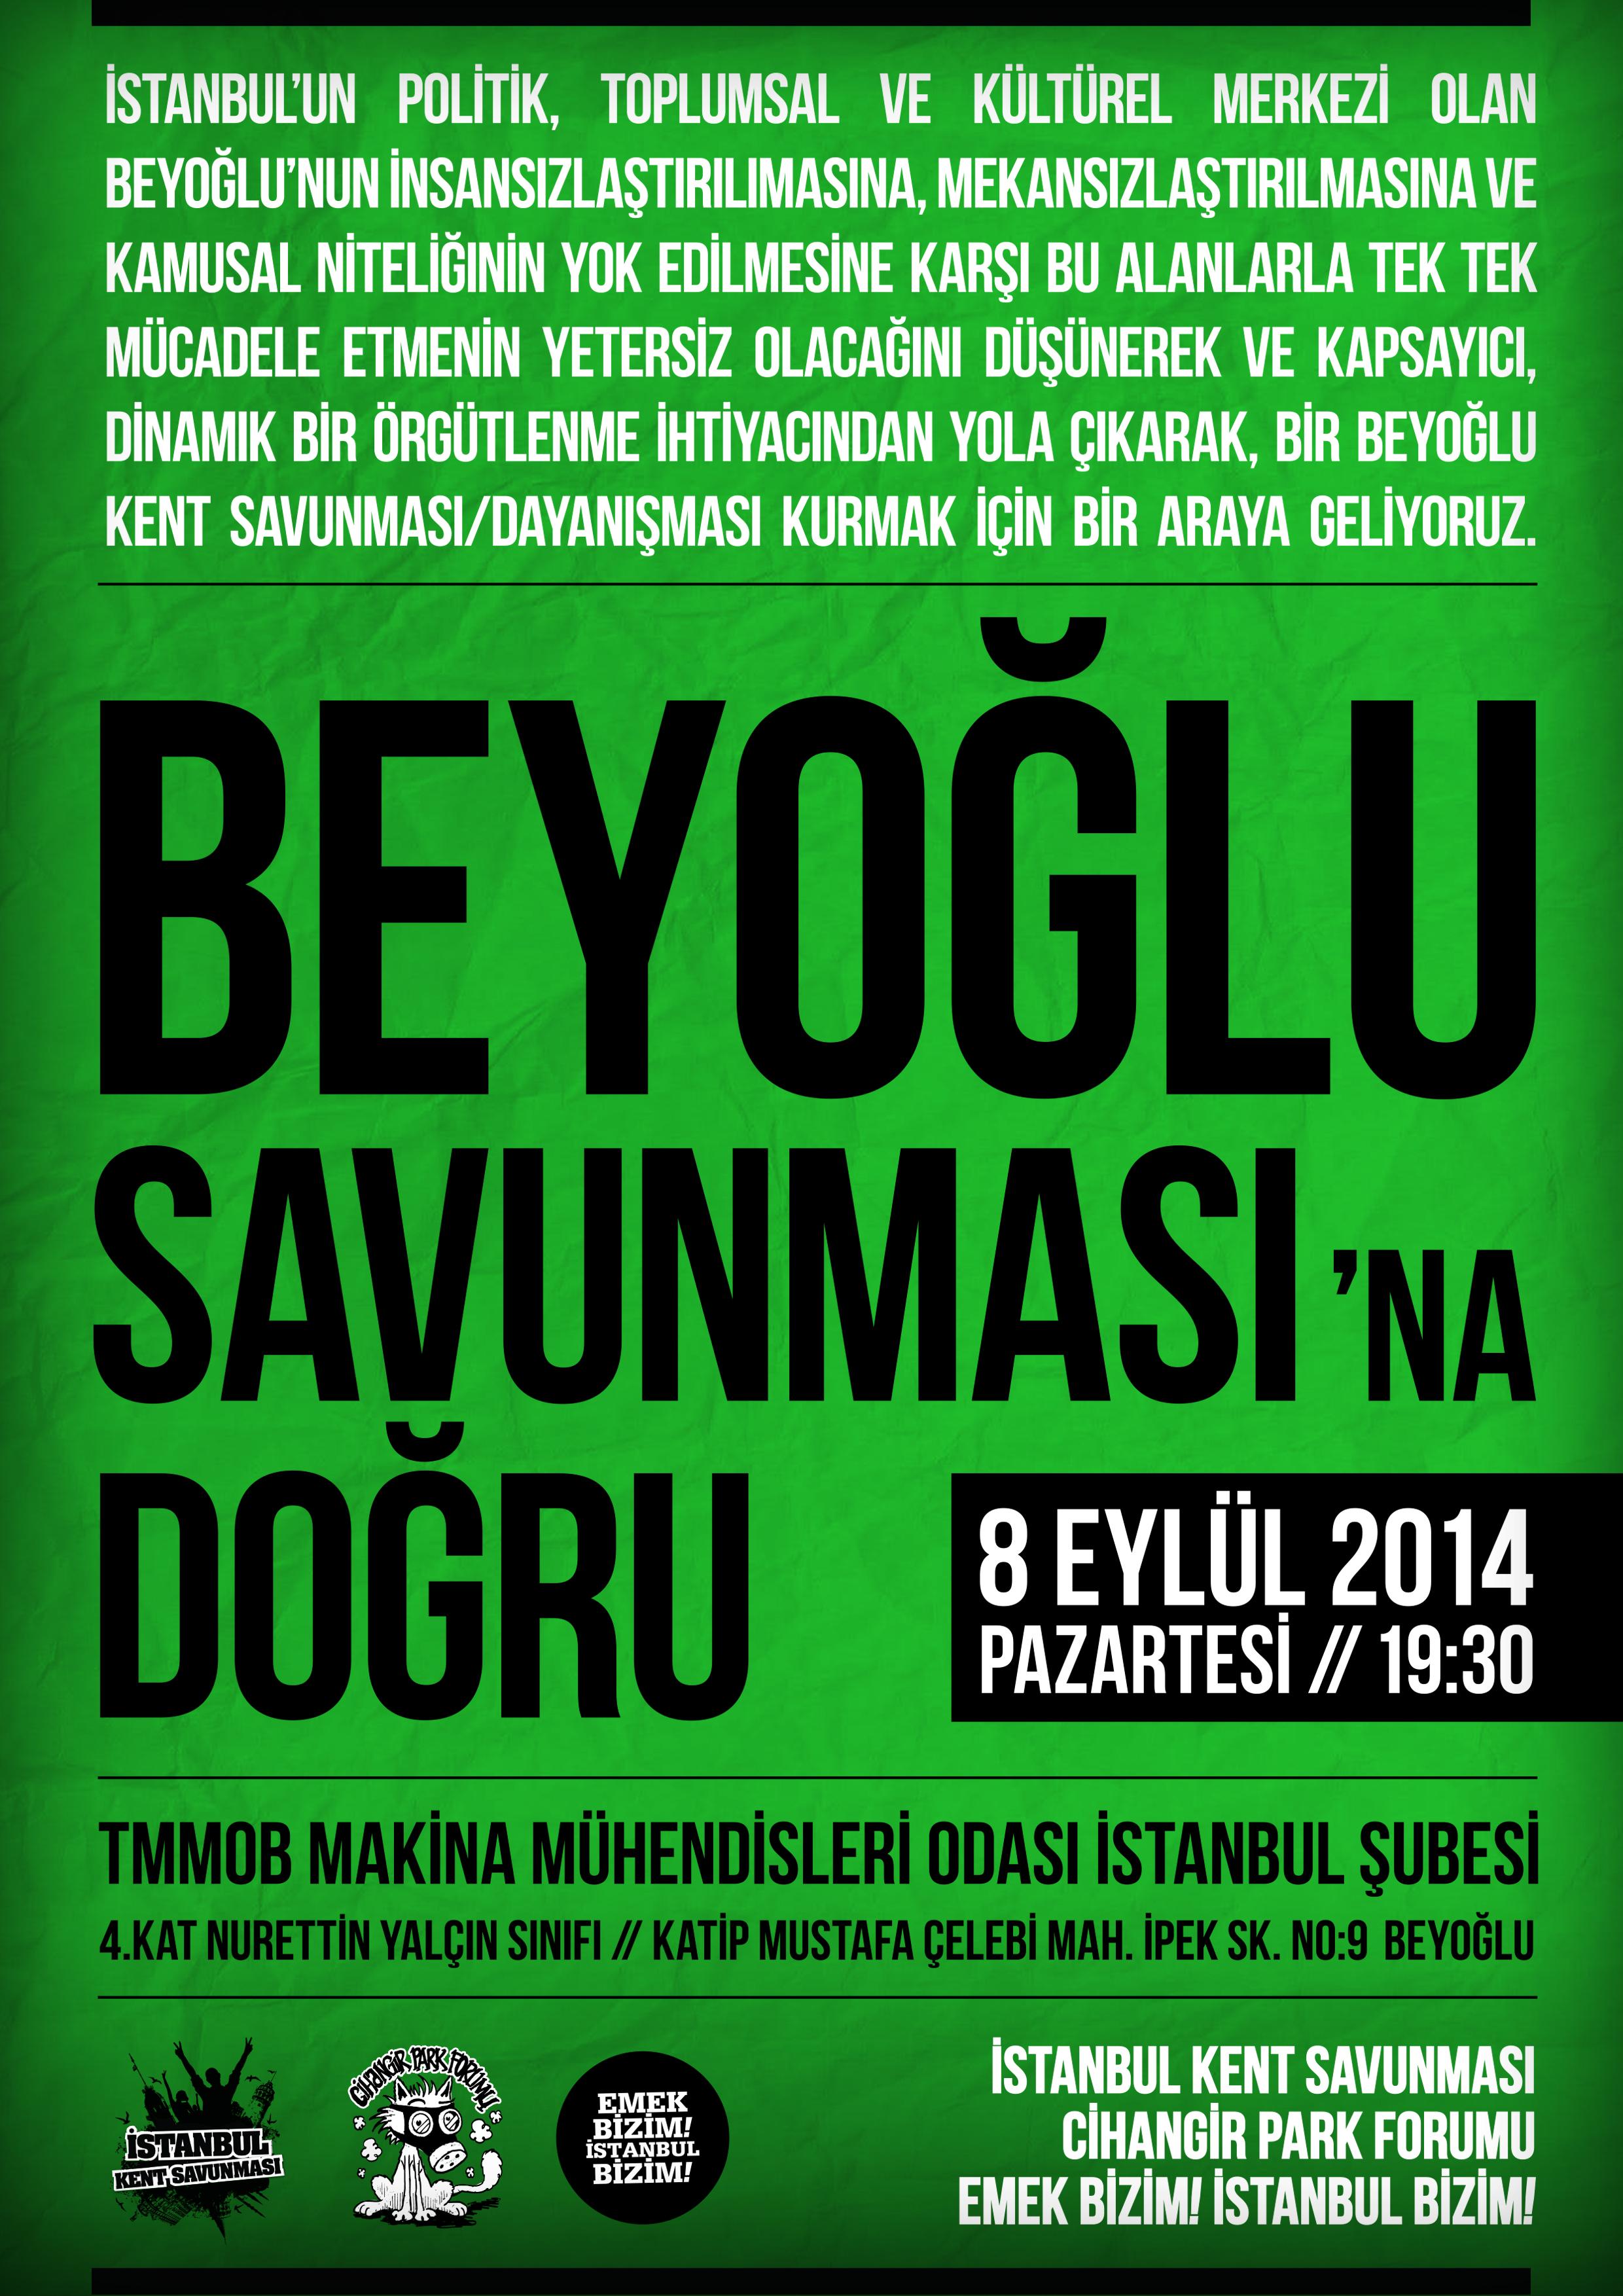 BEYOĞLU SAVUNMASI'NA DOĞRU!